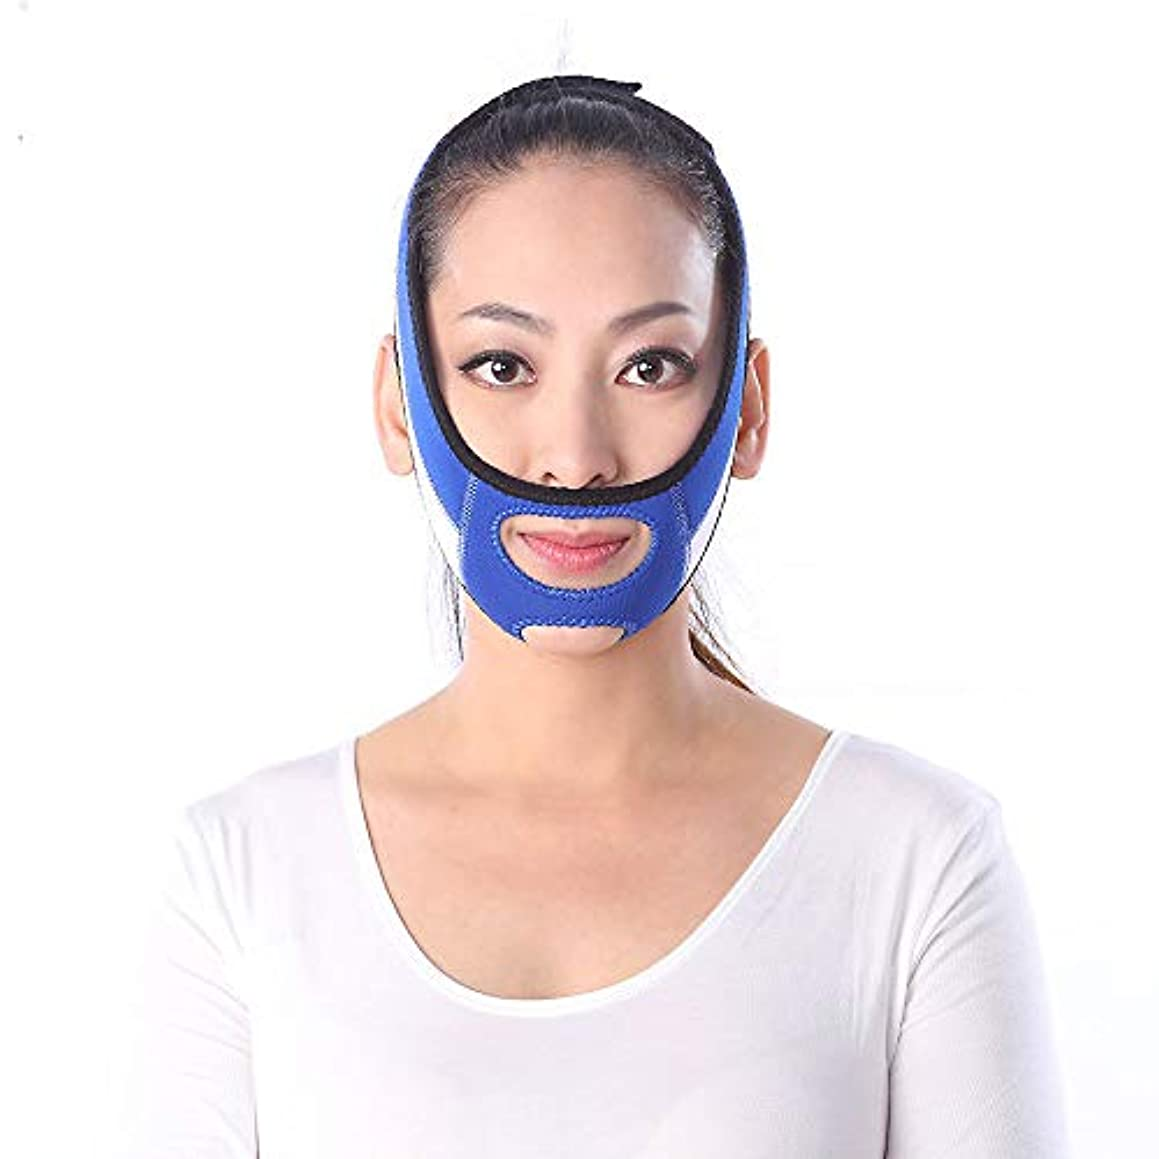 それに応じてレタッチ船酔いフェイスリフティング包帯、リフティングダブルあご顔補正ツール/フェイスマスク/スモールVフェイスアーチファクト(青)